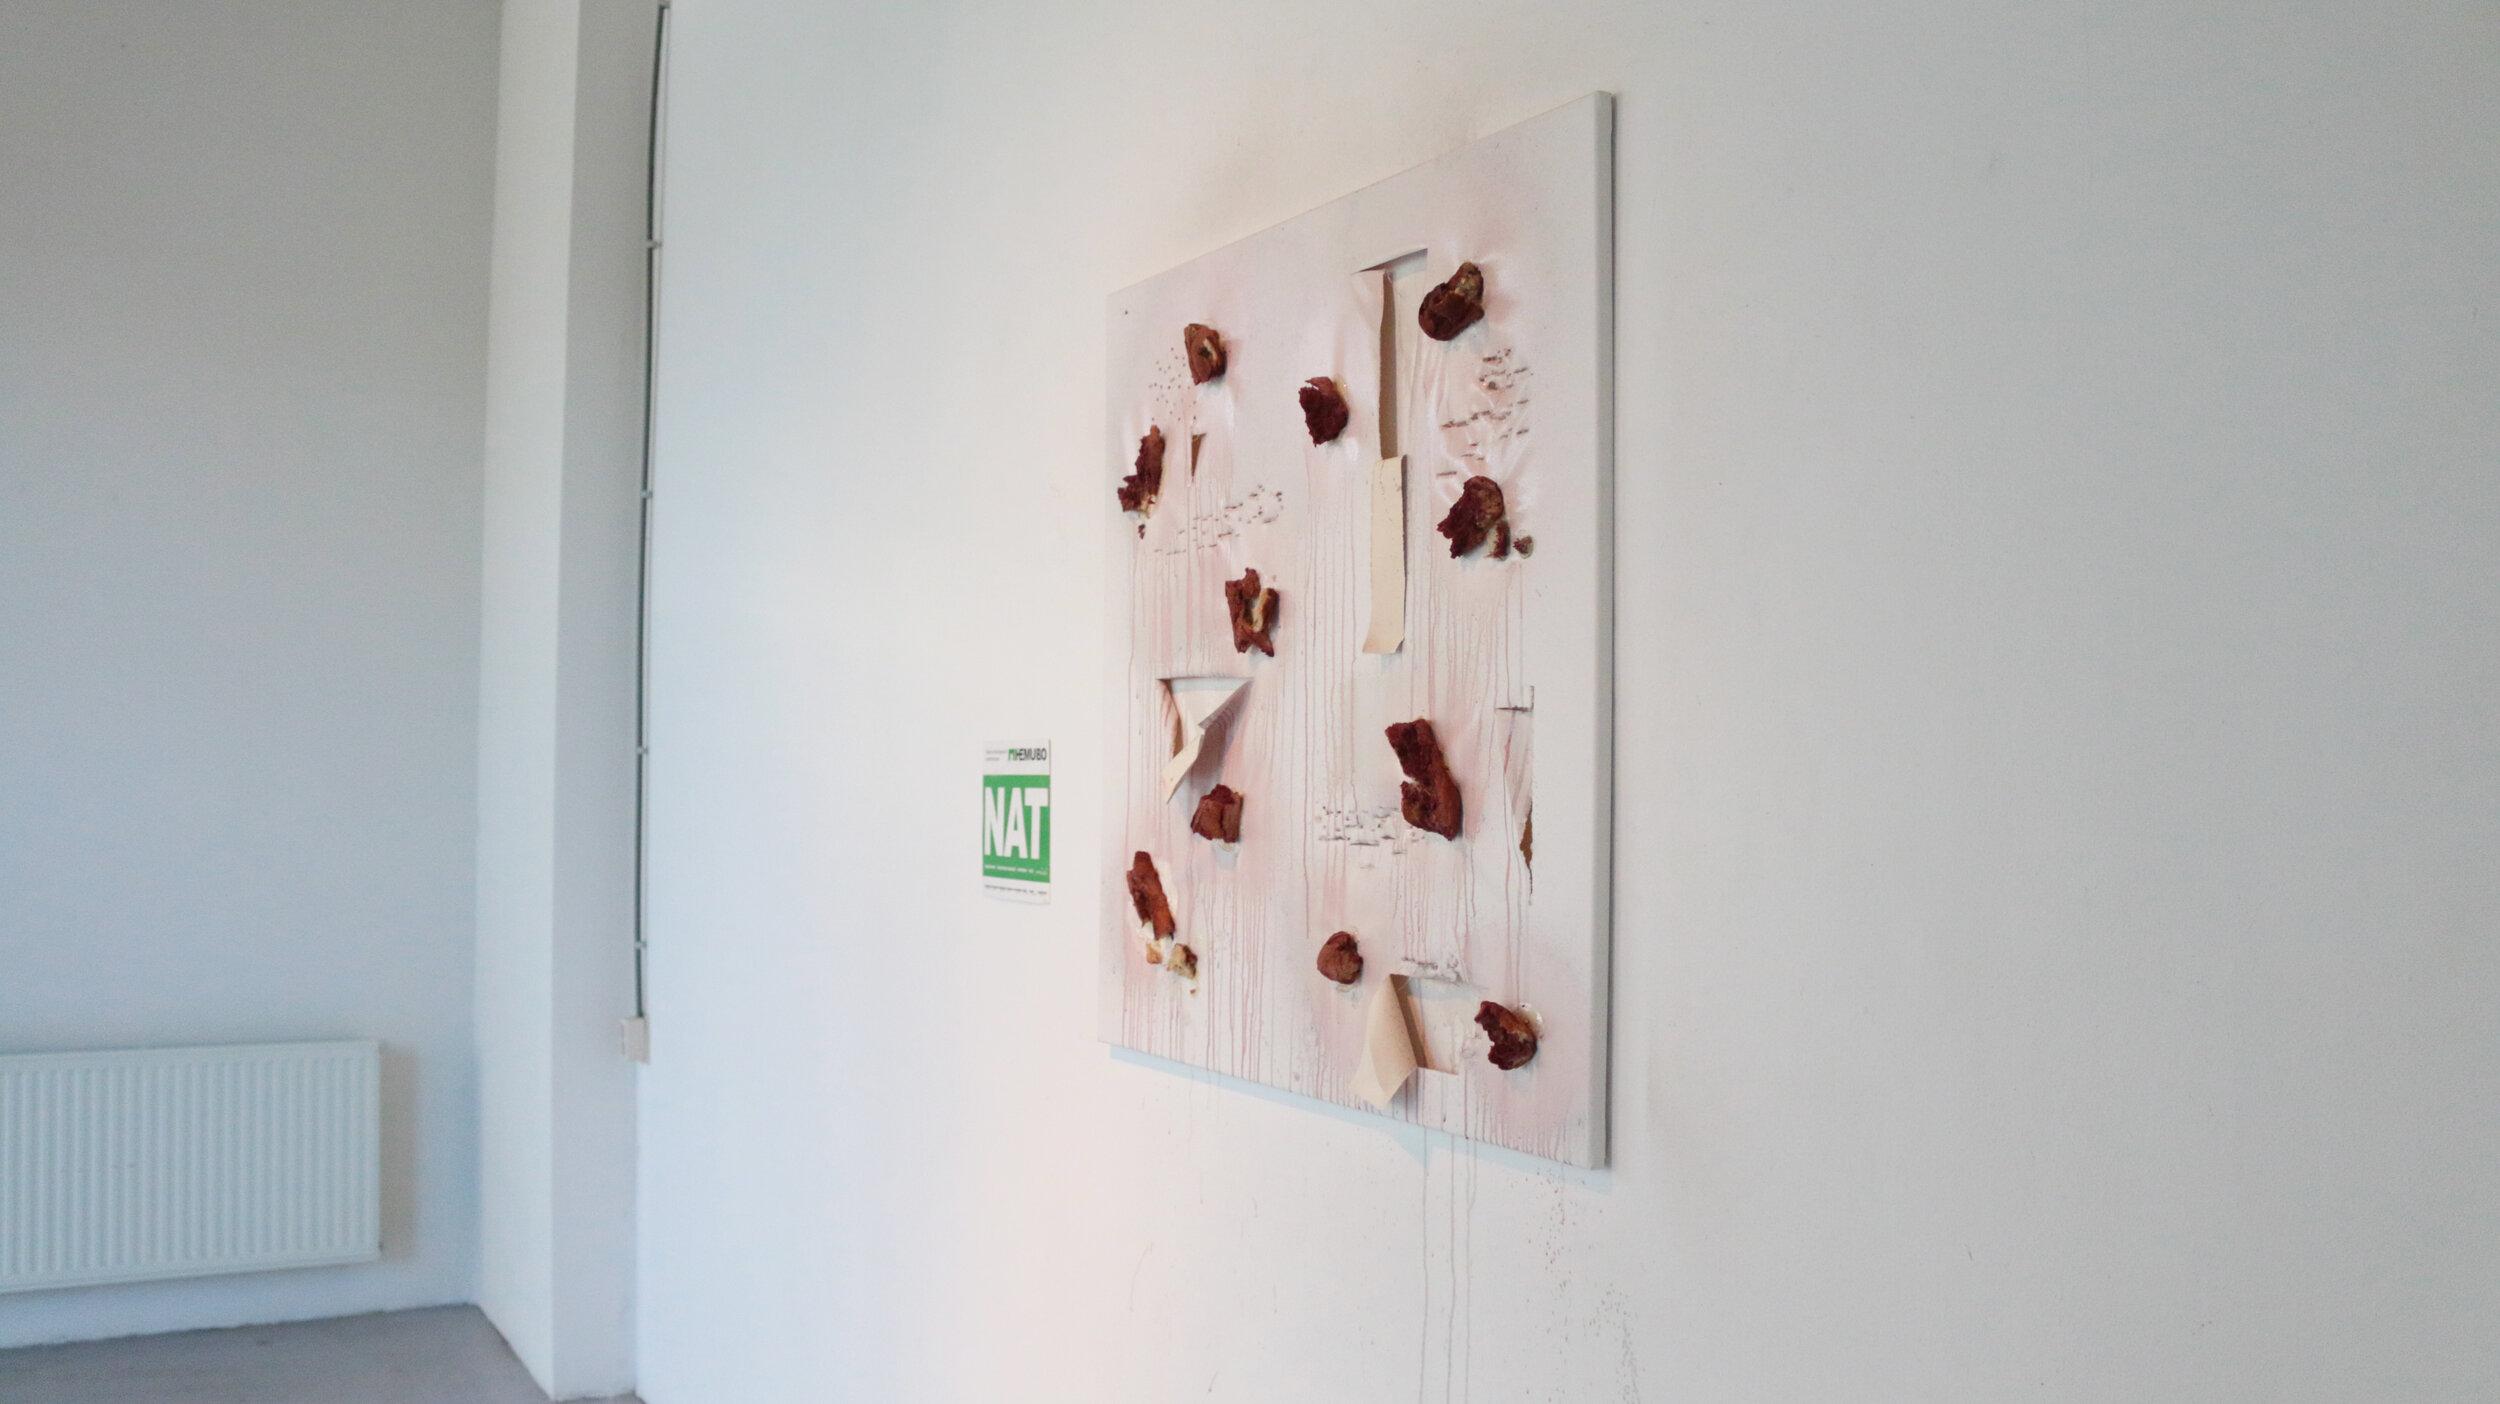 18. I'd Rather Fail like a Mortal than Fail like a God, bread and wine on canvas, ca. 100x130cm, 2019.jpg